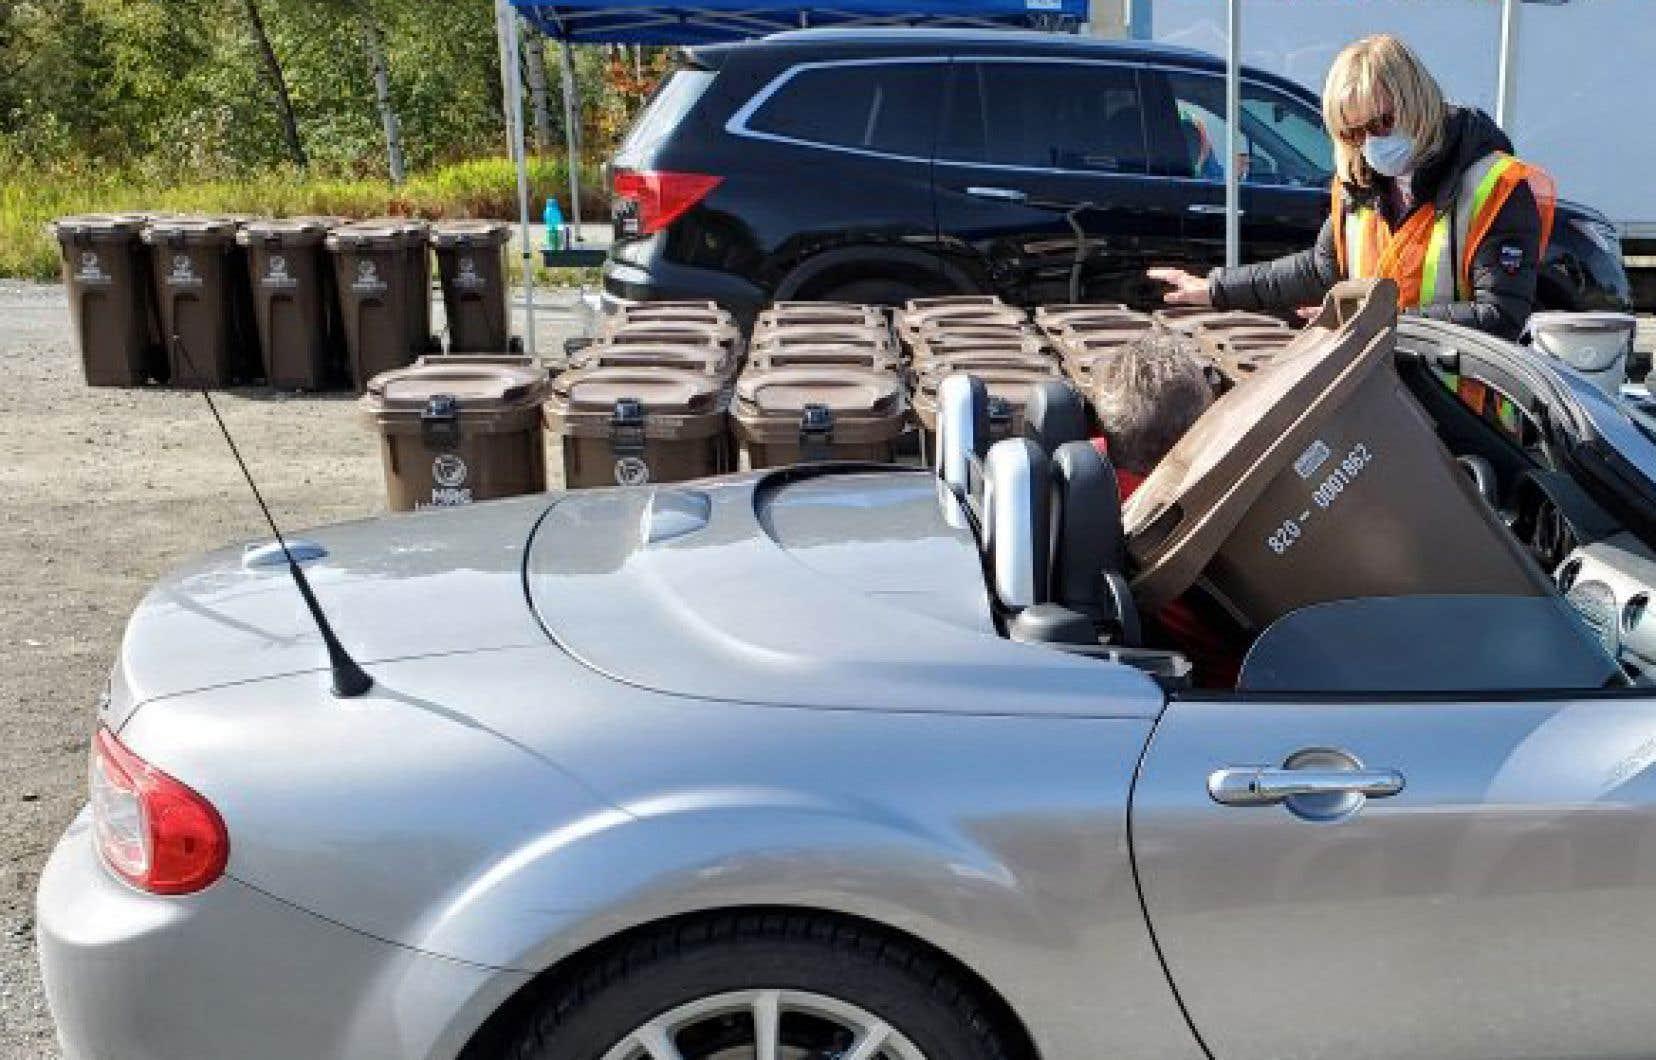 La MRC de La Vallée-de-l'Or estime que l'utilisation optimale du bac brun domestique pourrait réduire de 47% le poids des déchets de sa population.